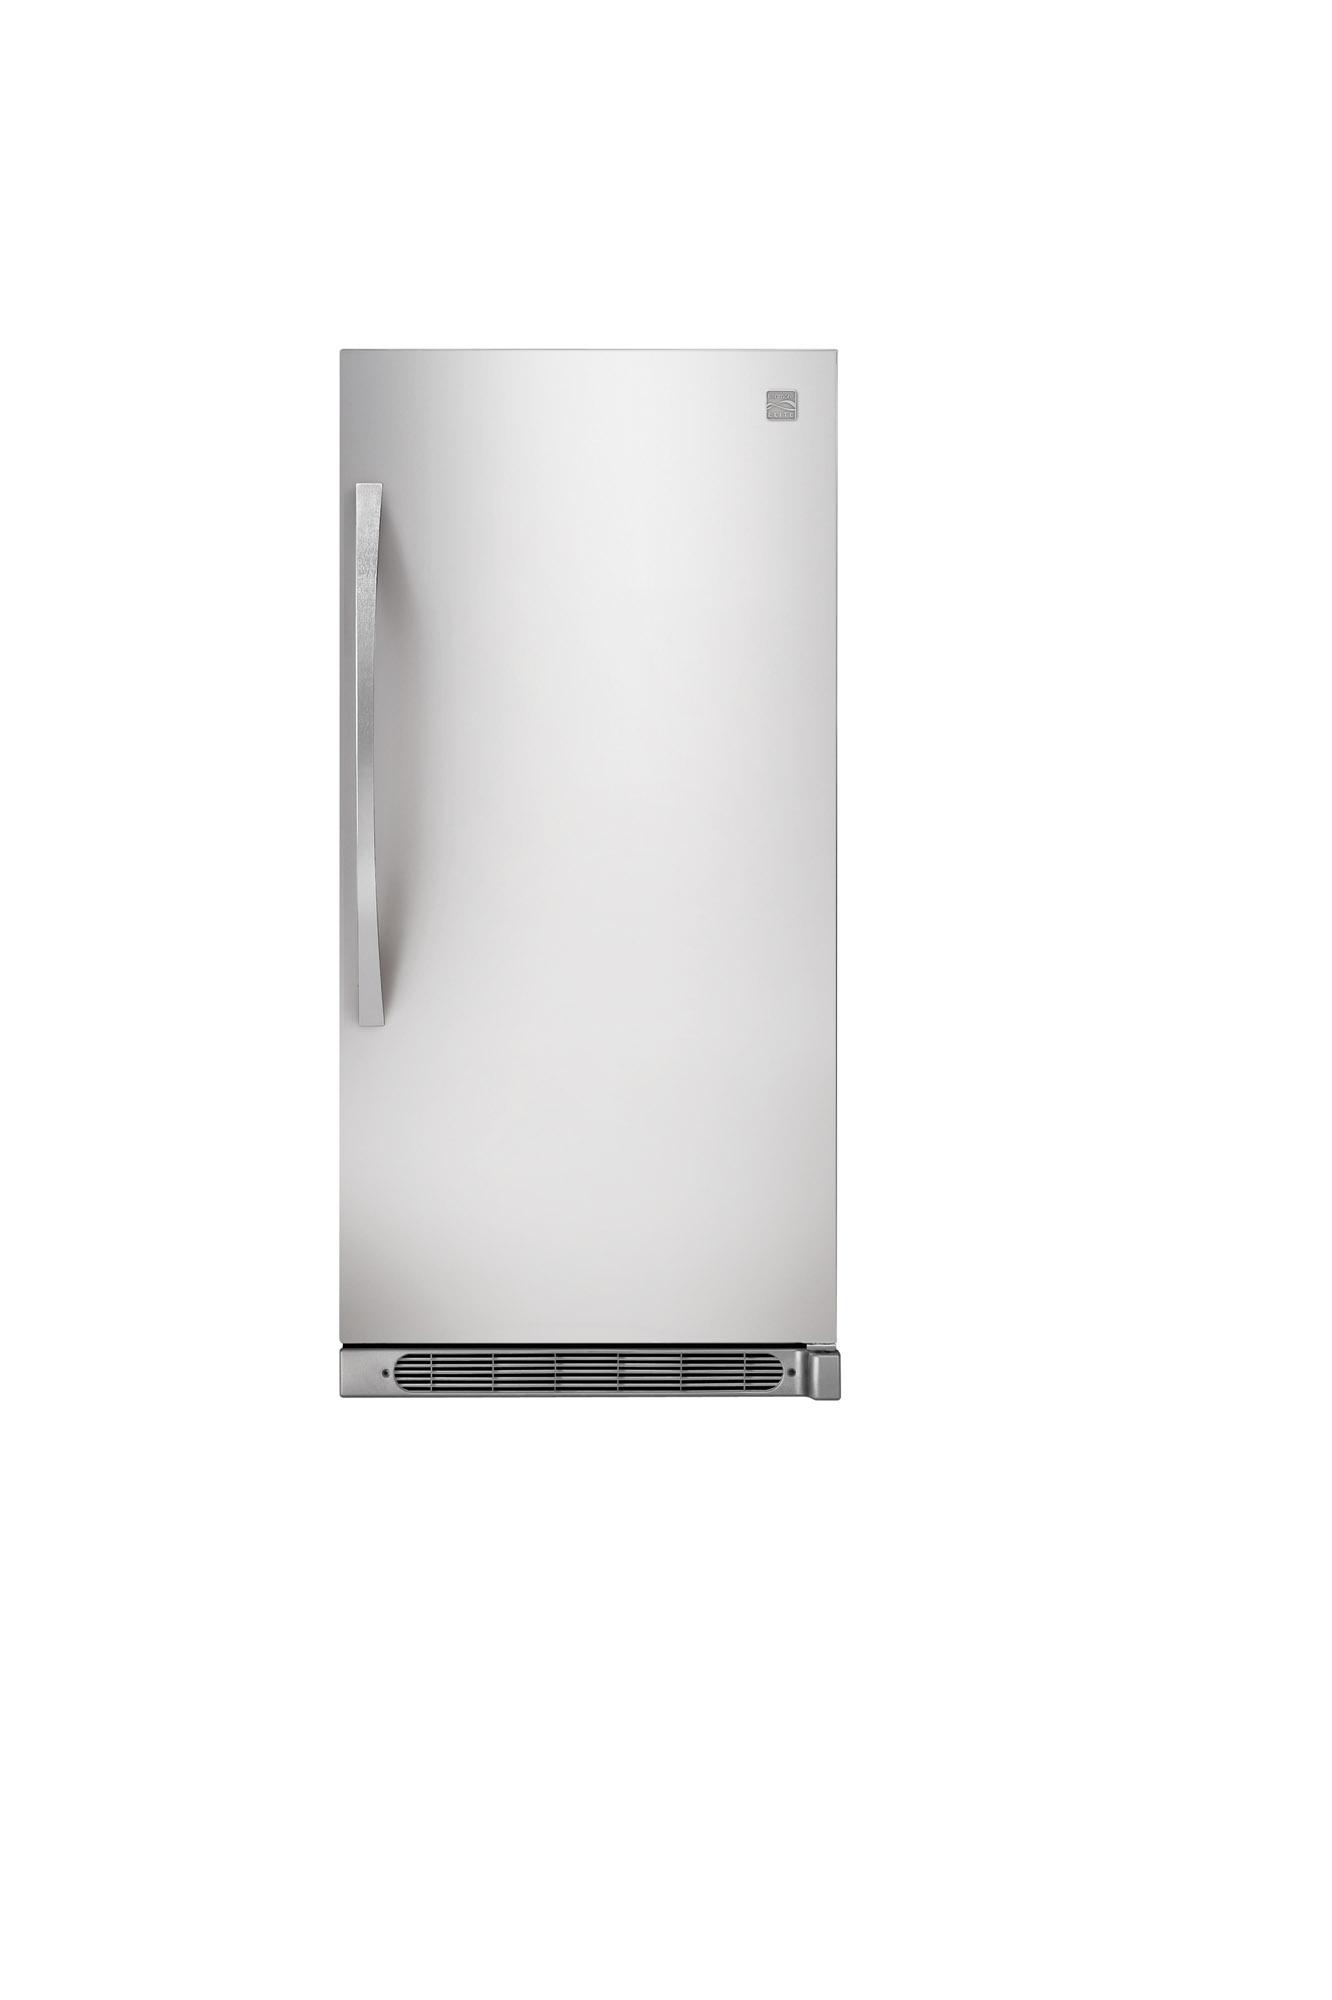 Kenmore Refrigerator Model 253 44743110 Parts Amp Repair